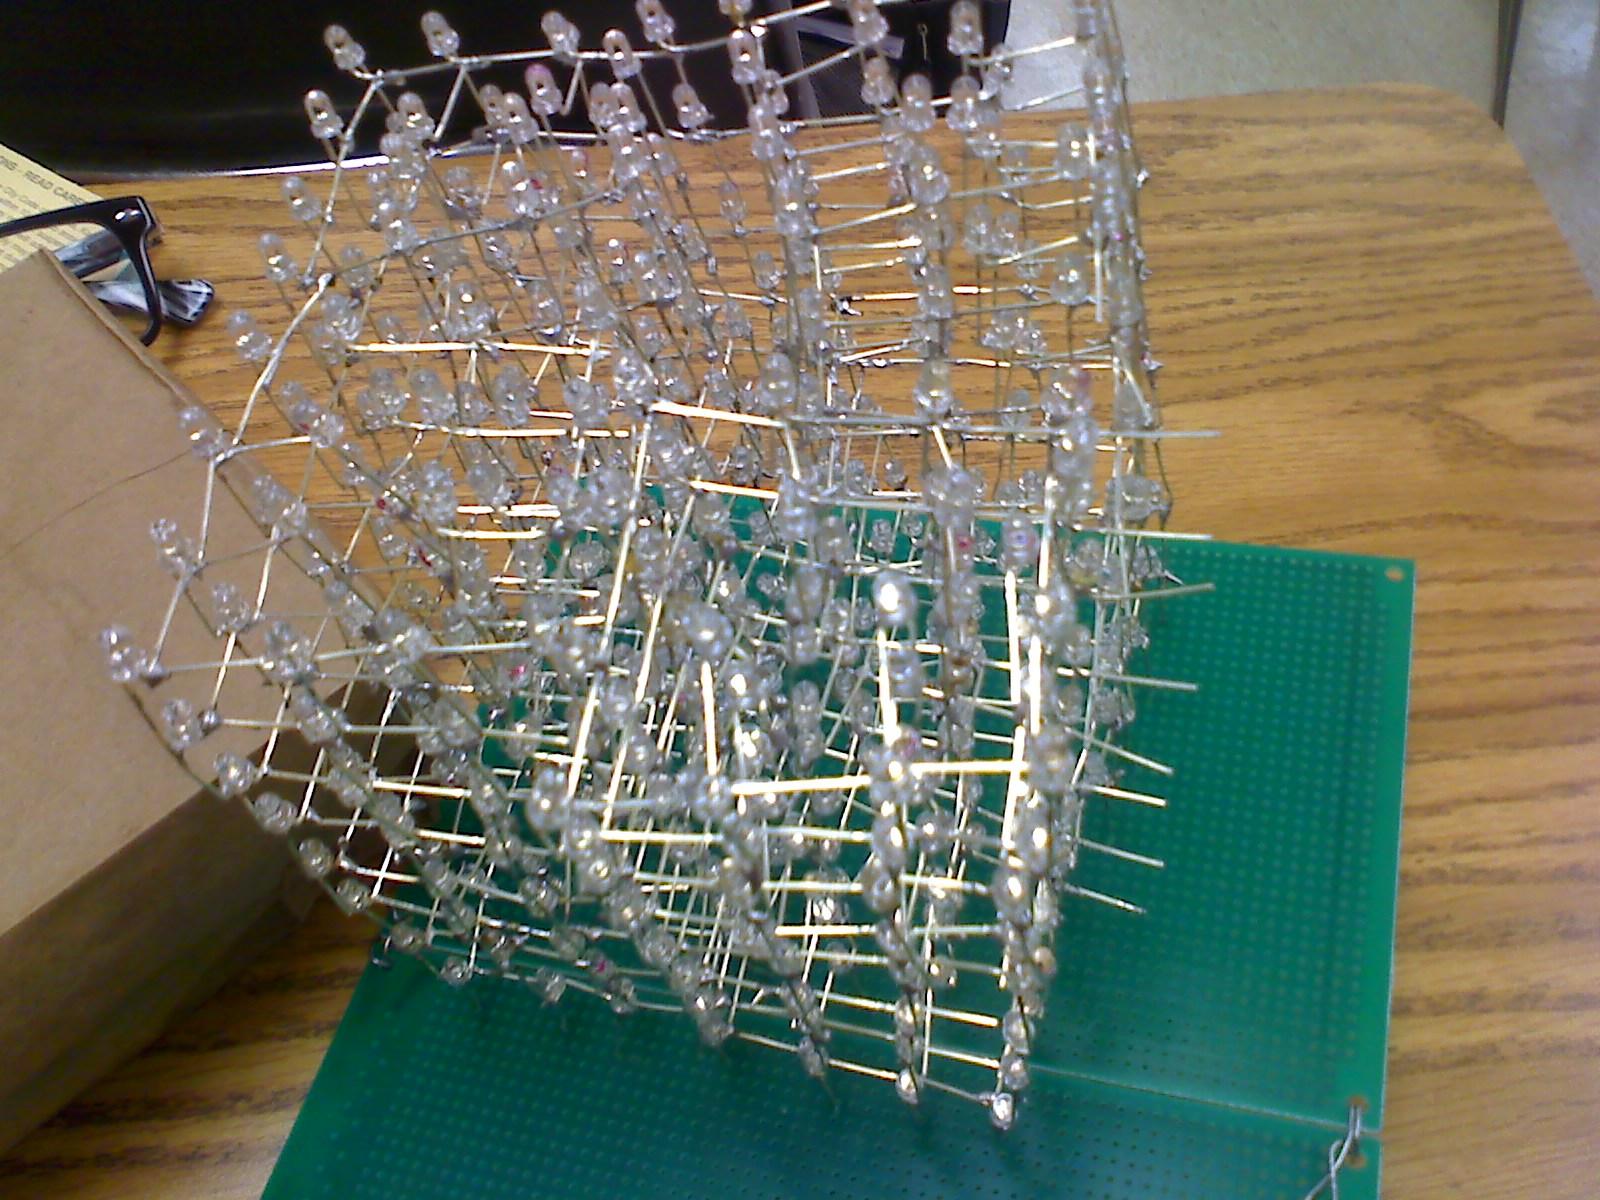 8x8x8 led cube (build)